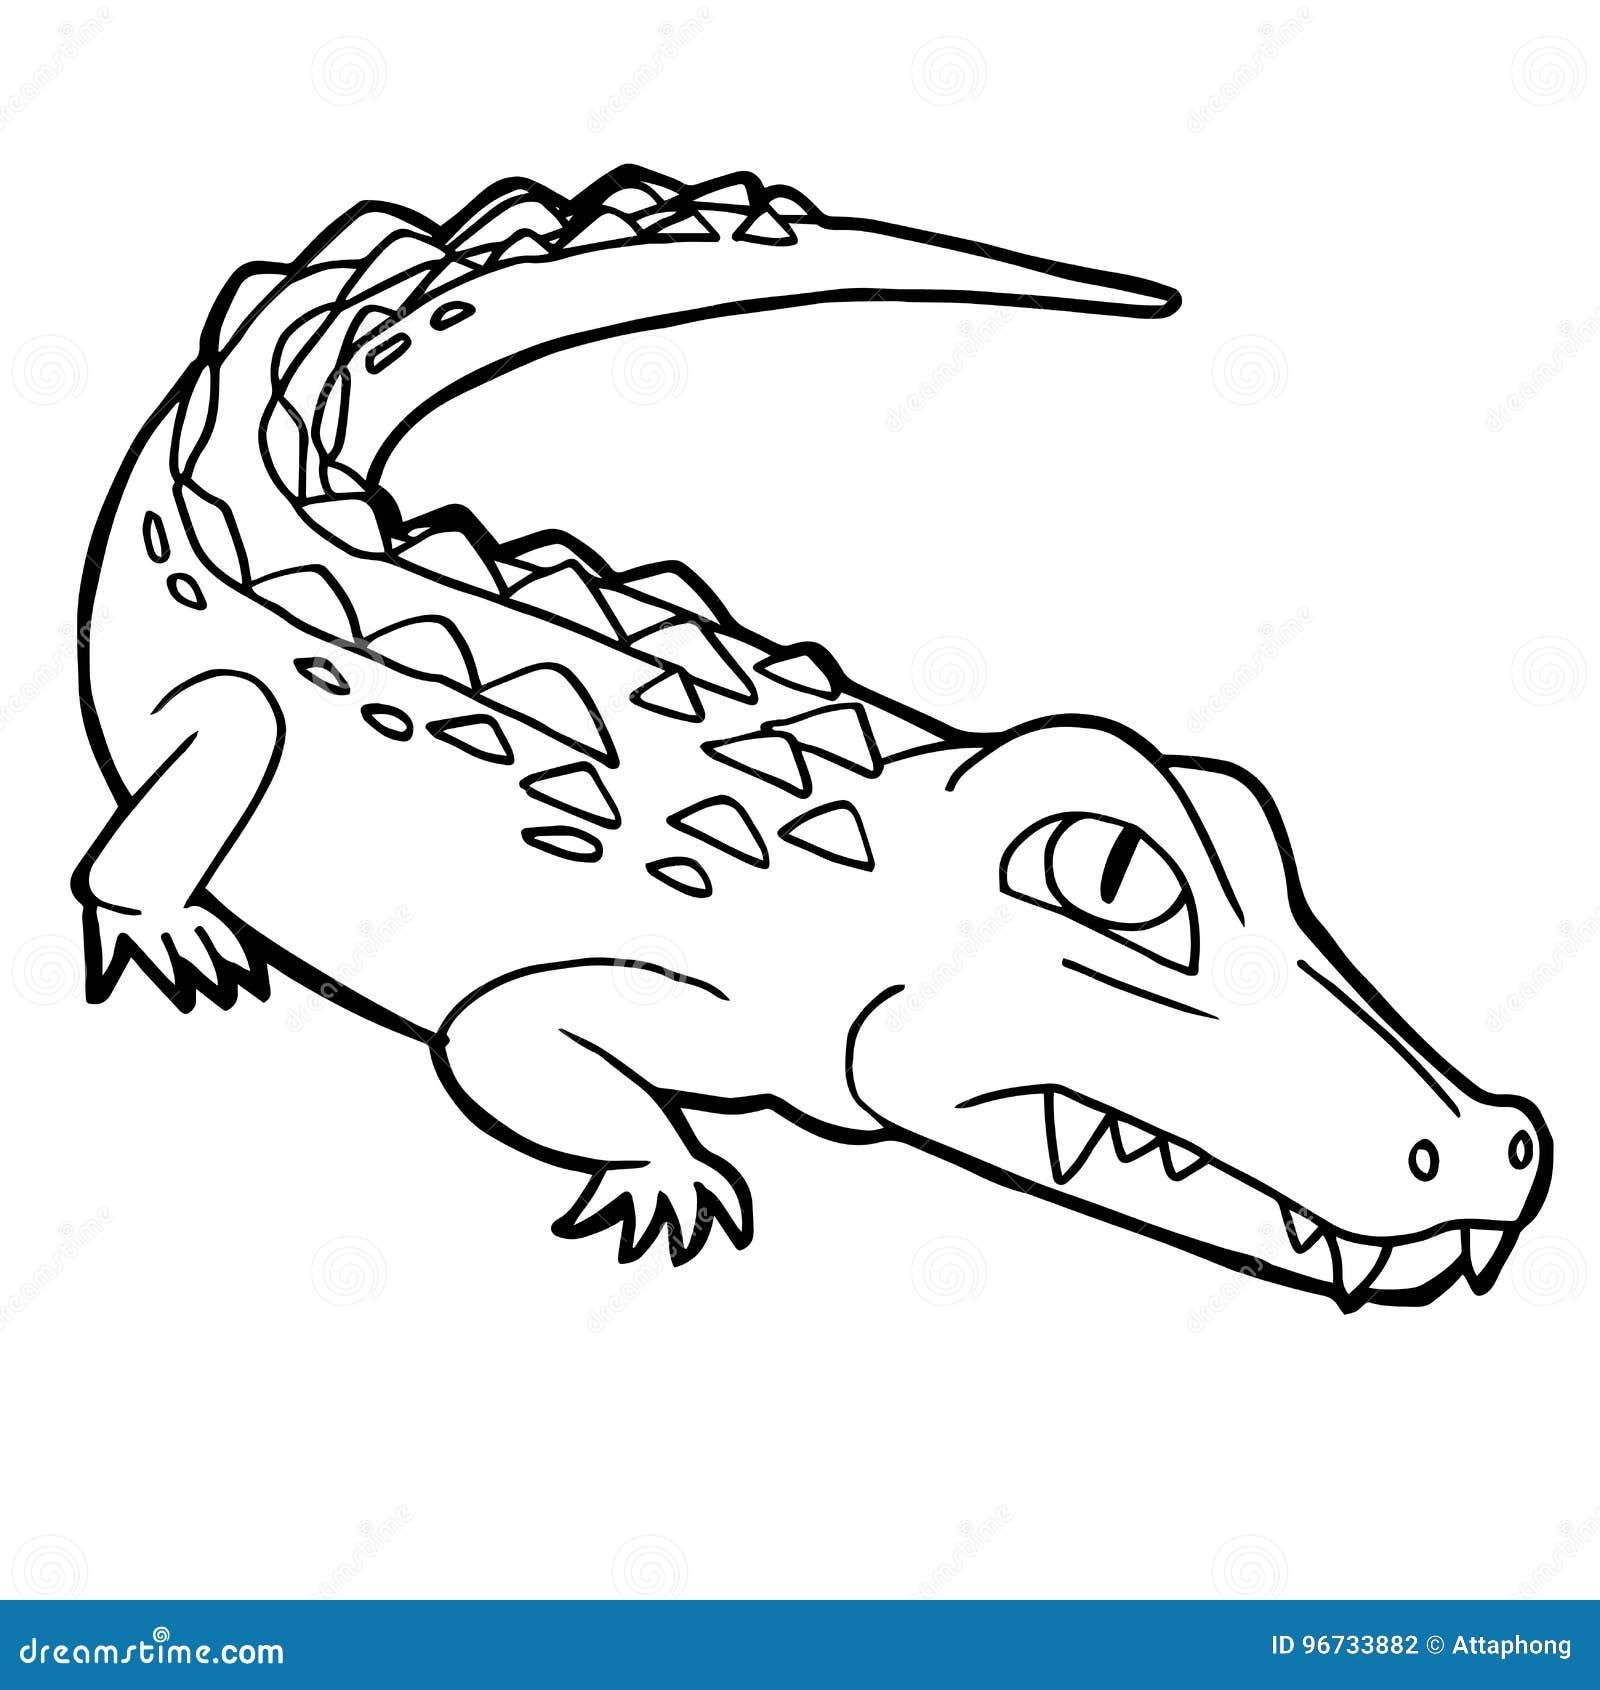 download cartoon cute crocodile coloring page vector stock vector illustration of cartoon caiman